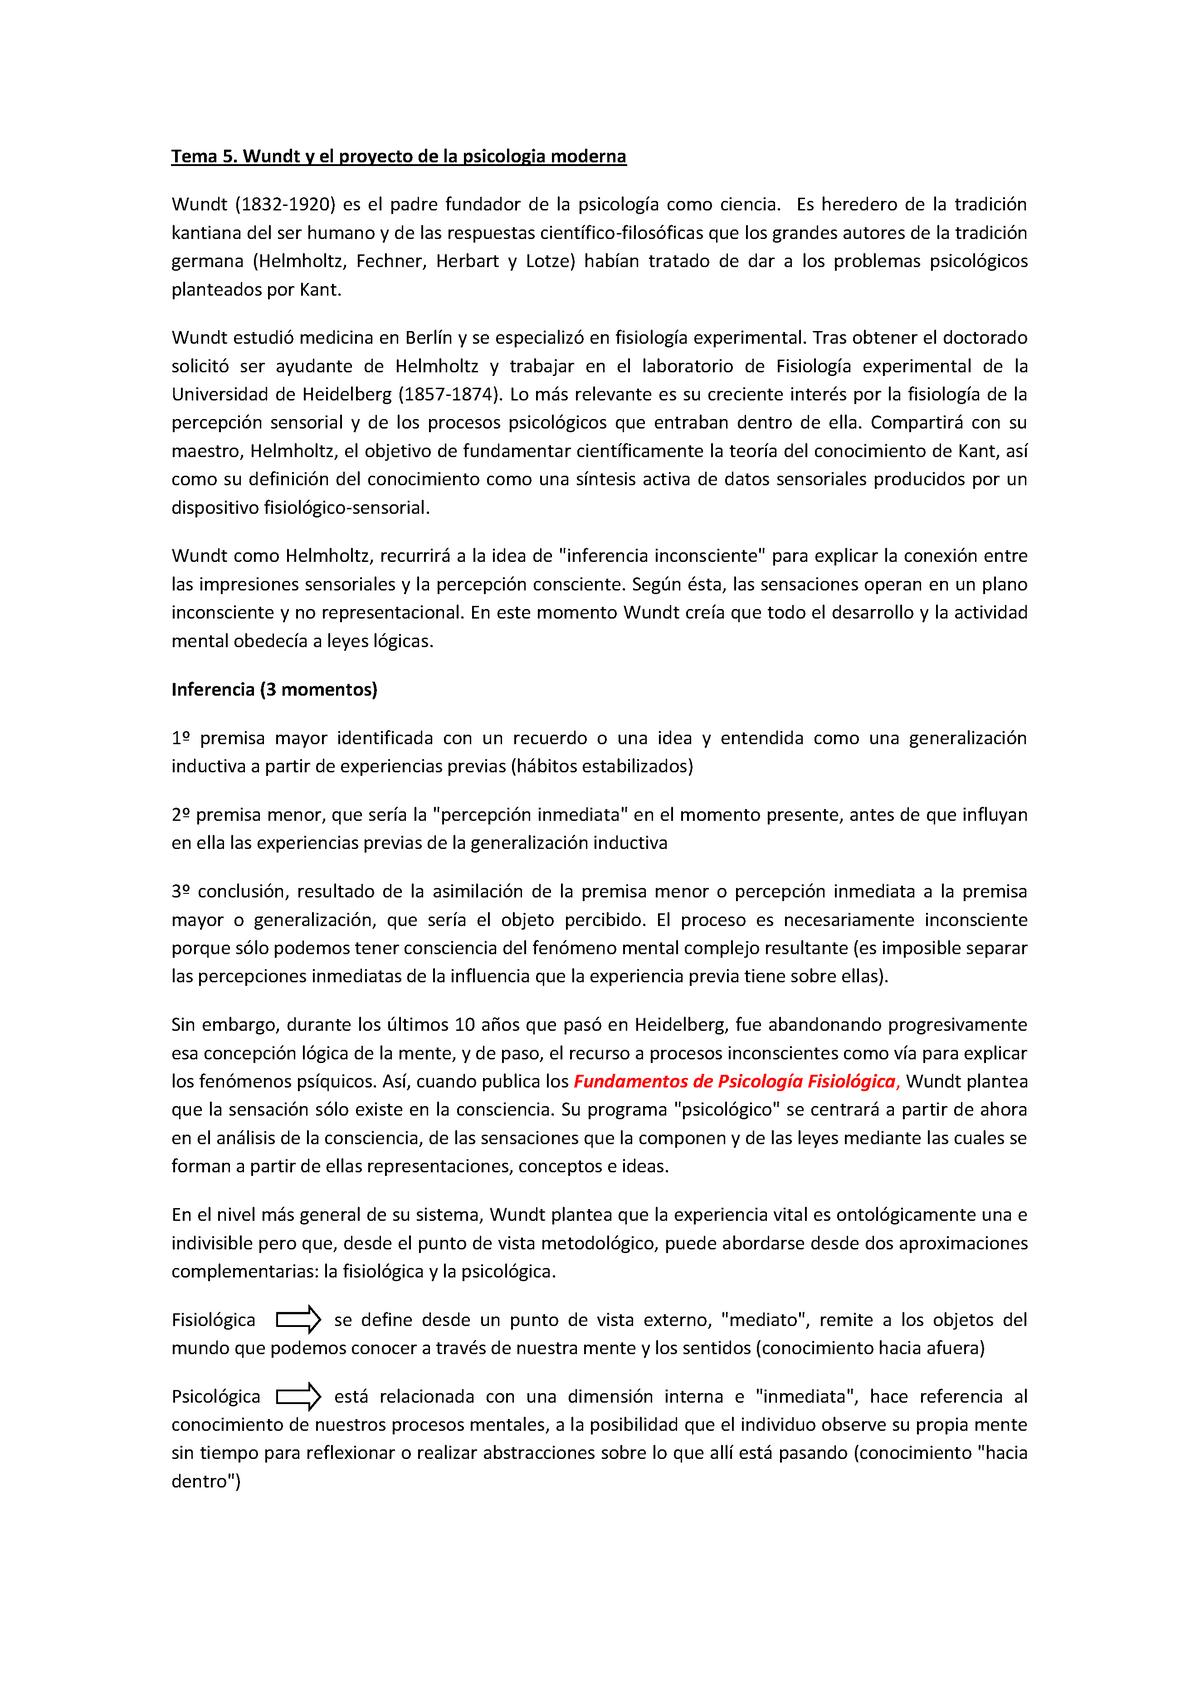 Tema 5 Wundt Y El Proyecto de La Psicología Moderna - 6201105: Historia de  la Psicología - StuDocu